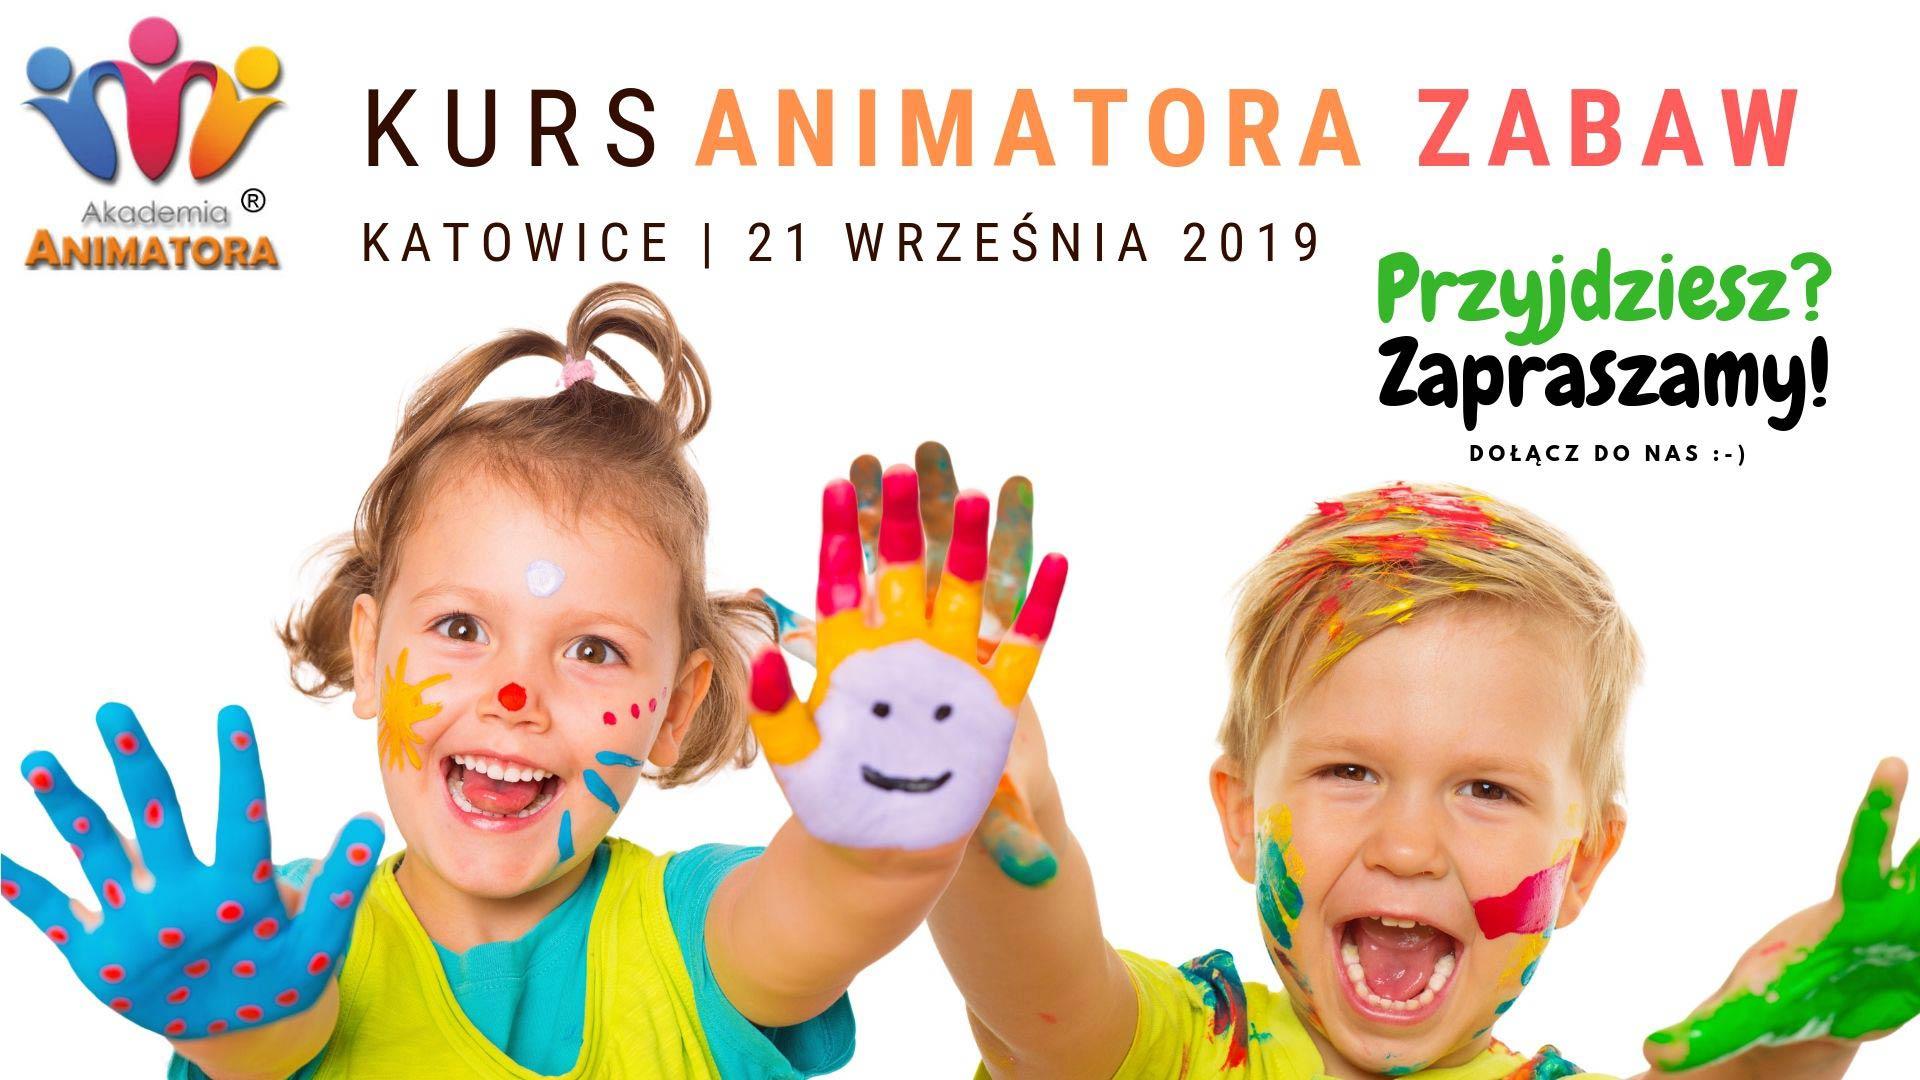 Kurs Animatora Katowice 21.09.2019